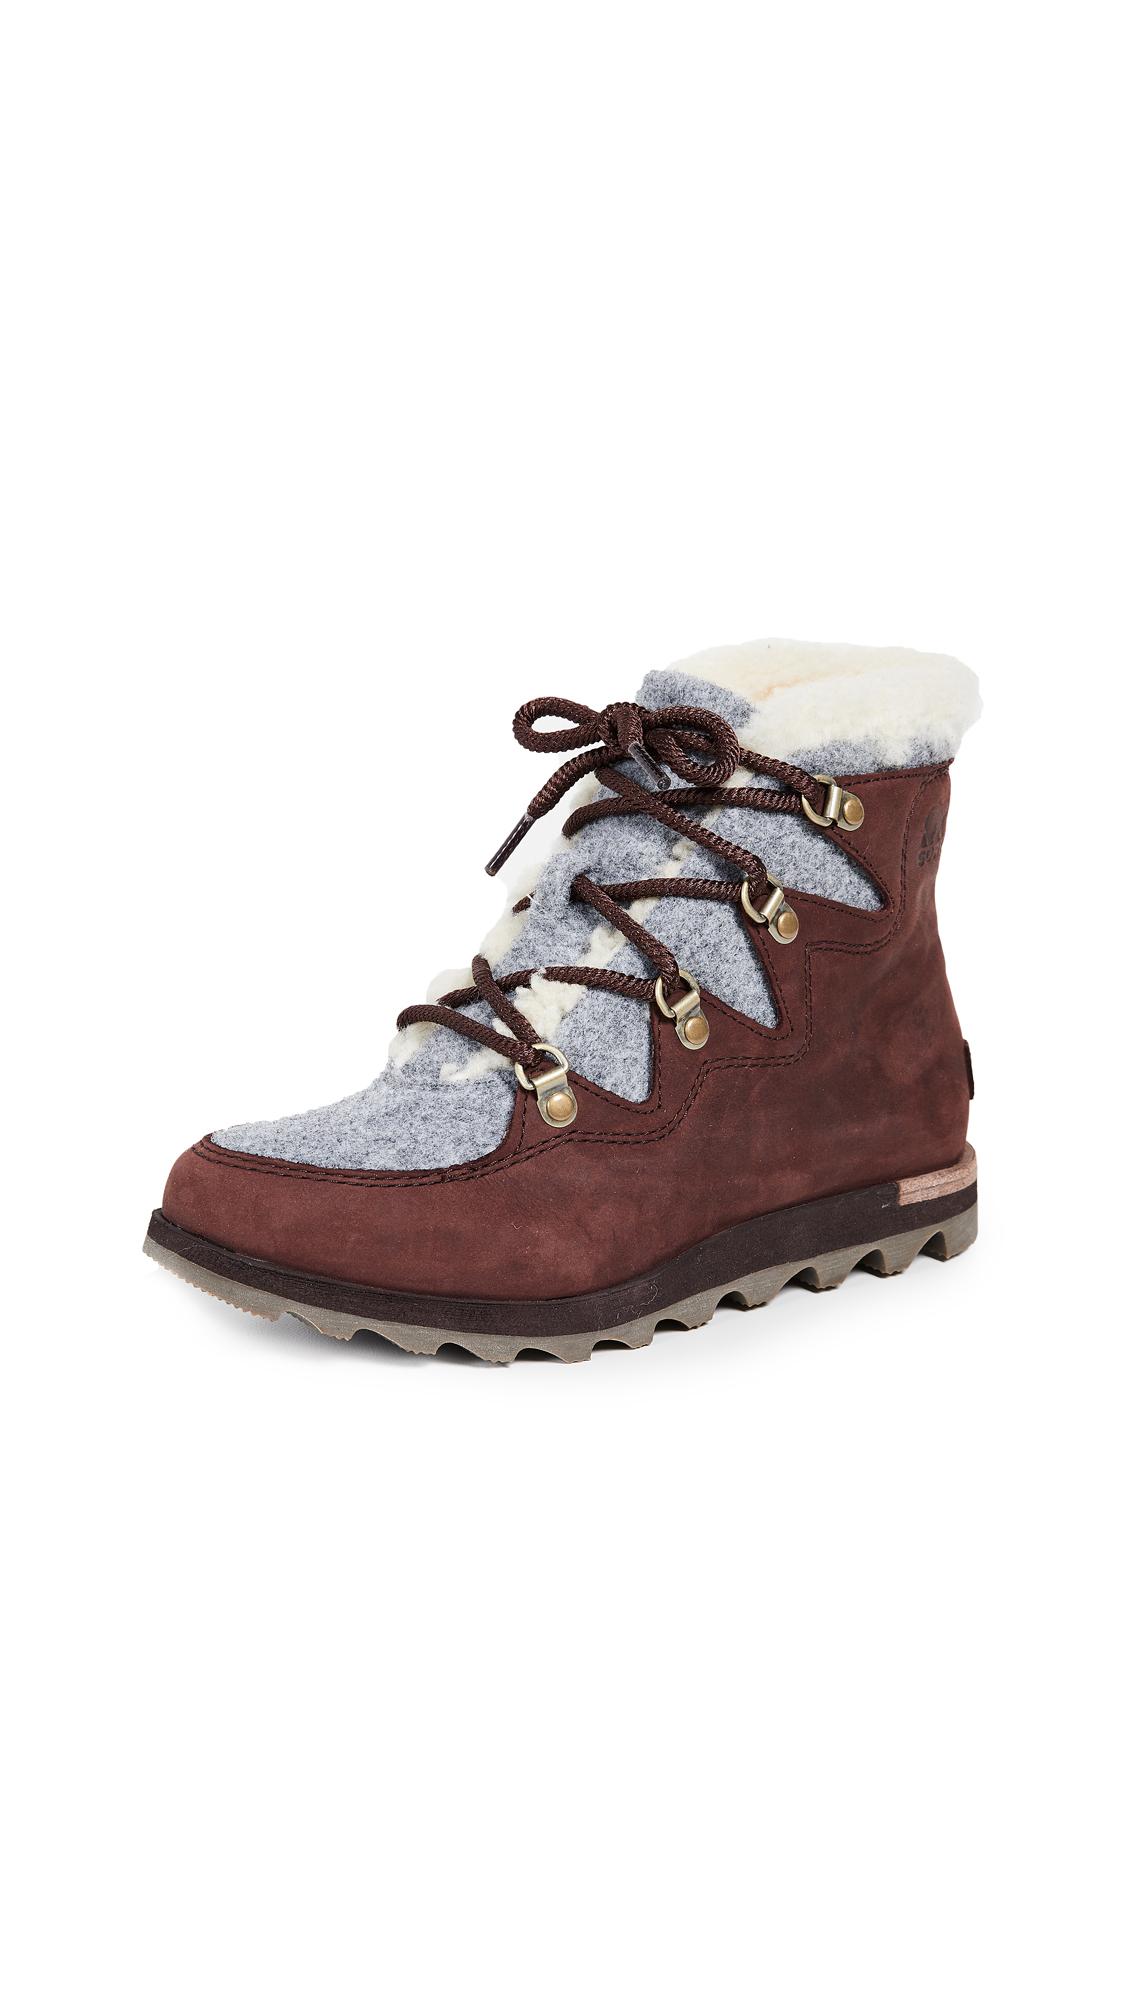 Sorel Sneakchic Alpine Booties